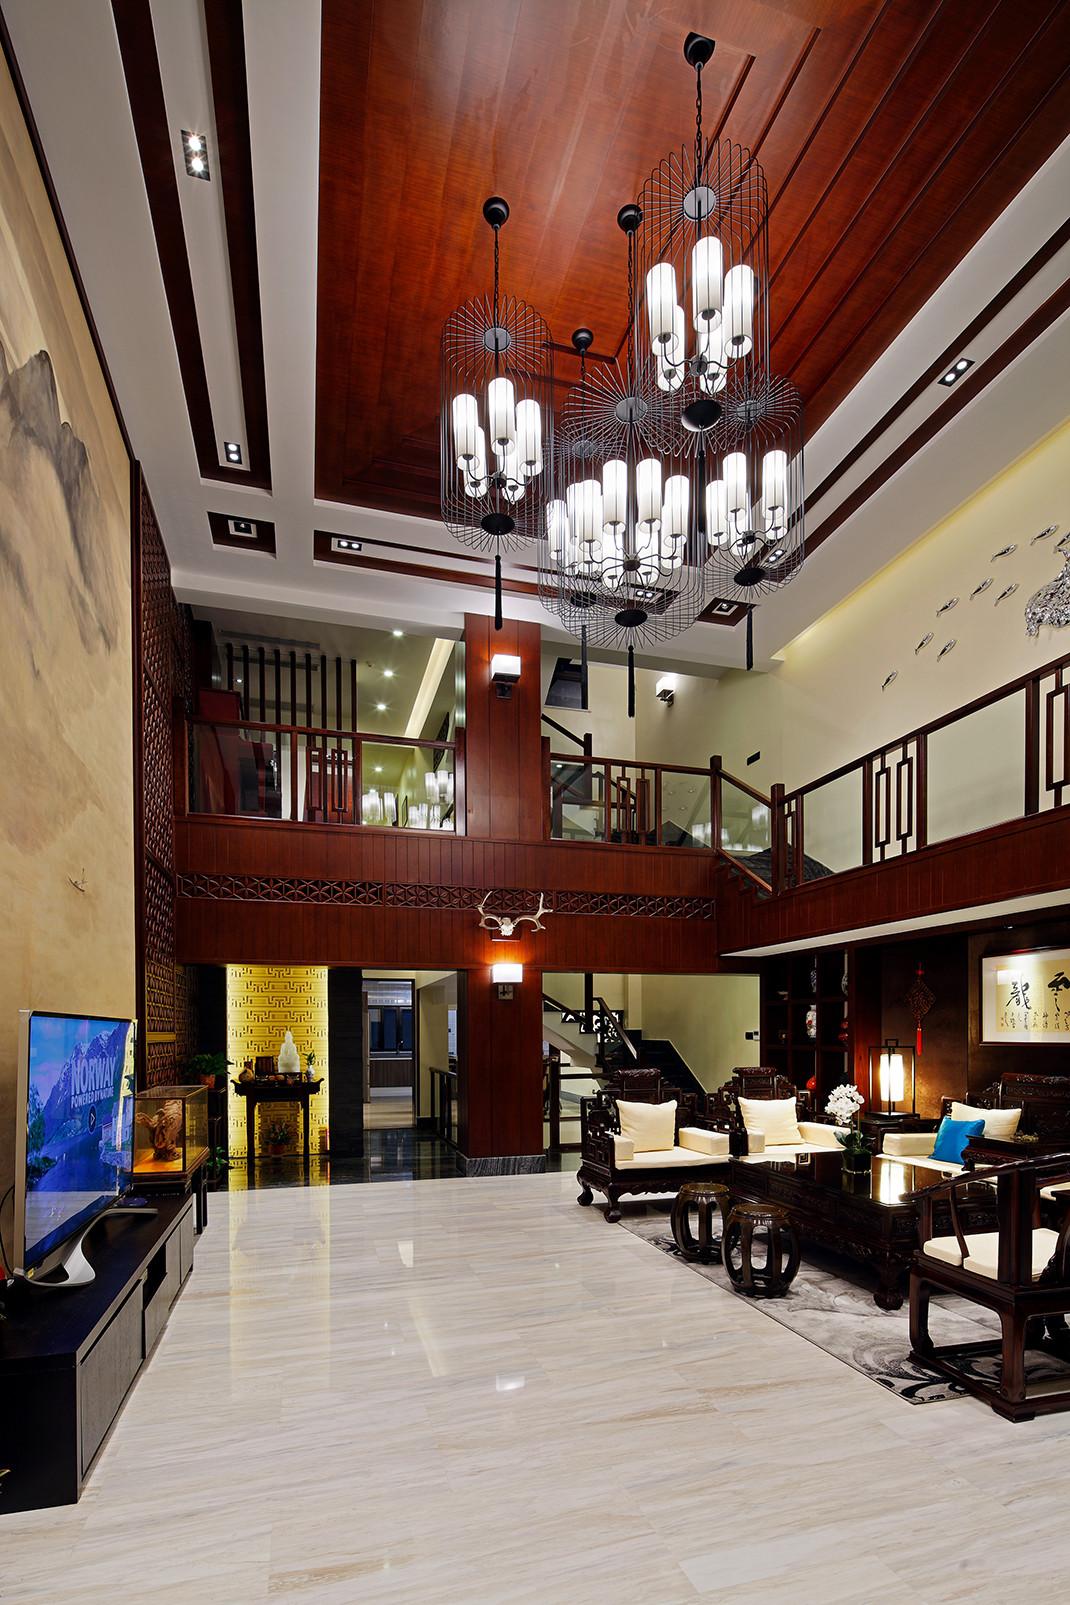 中式别墅装修客厅天花图片